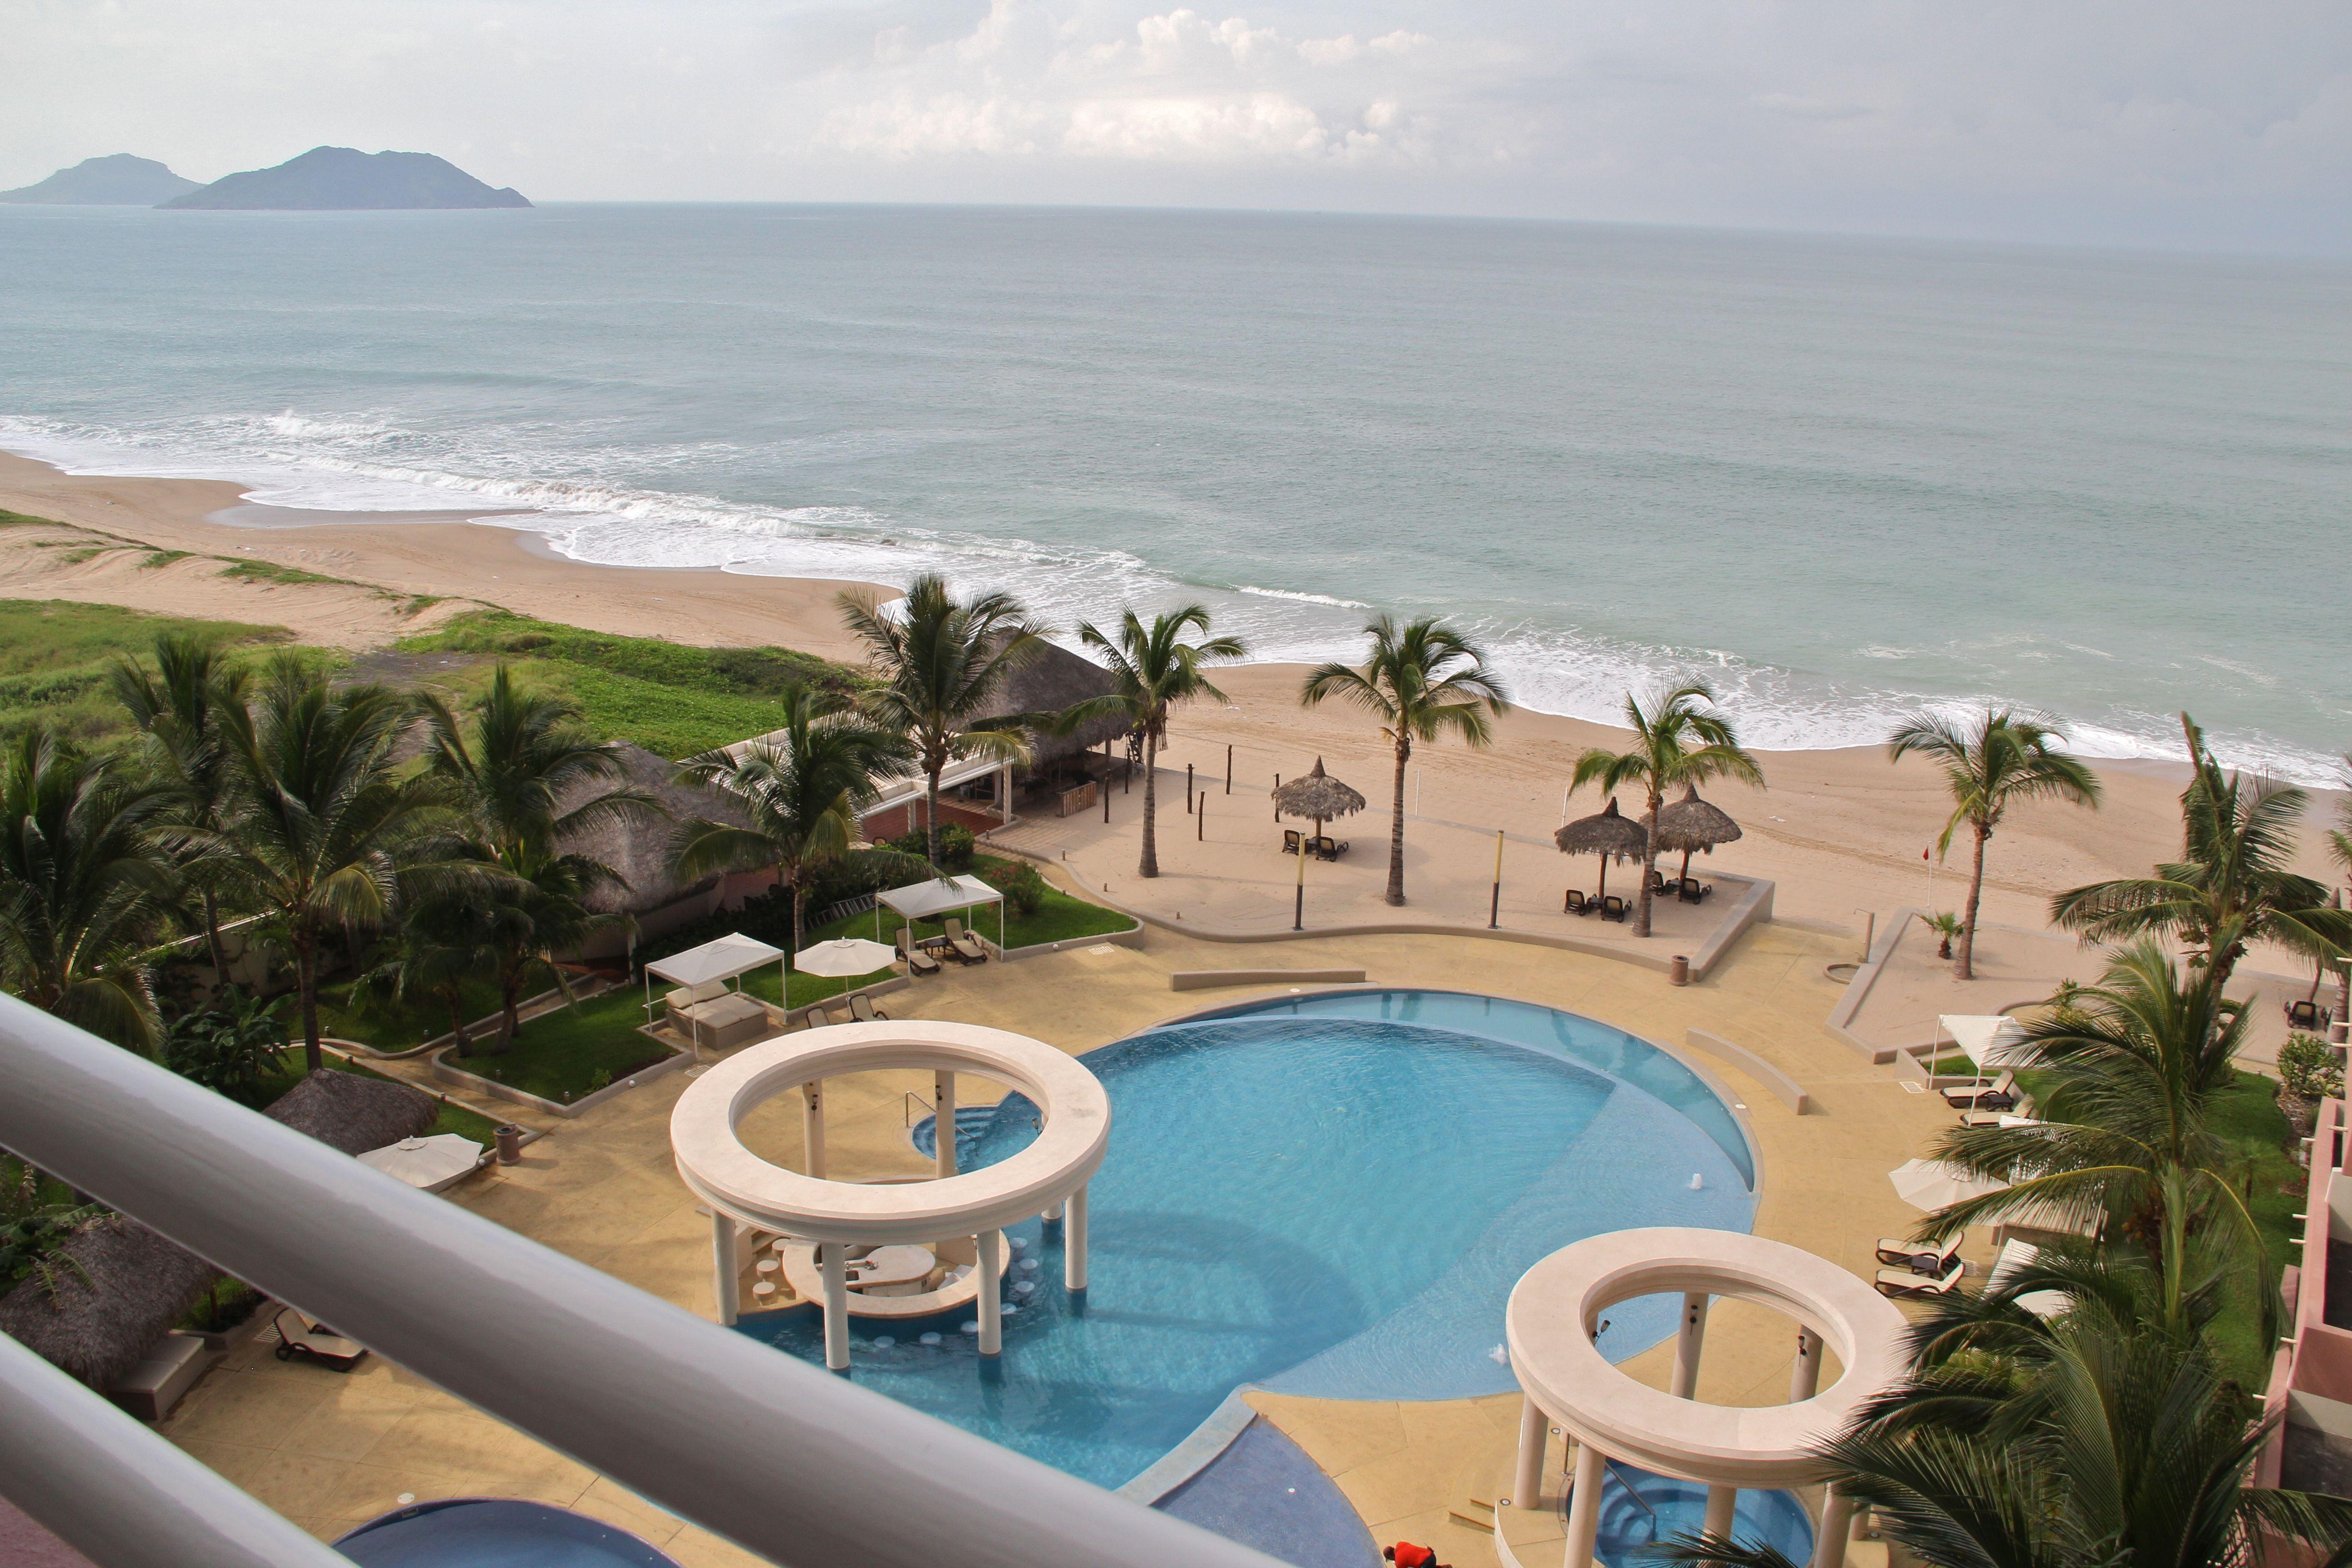 Vista al mar y alberca desde balcón